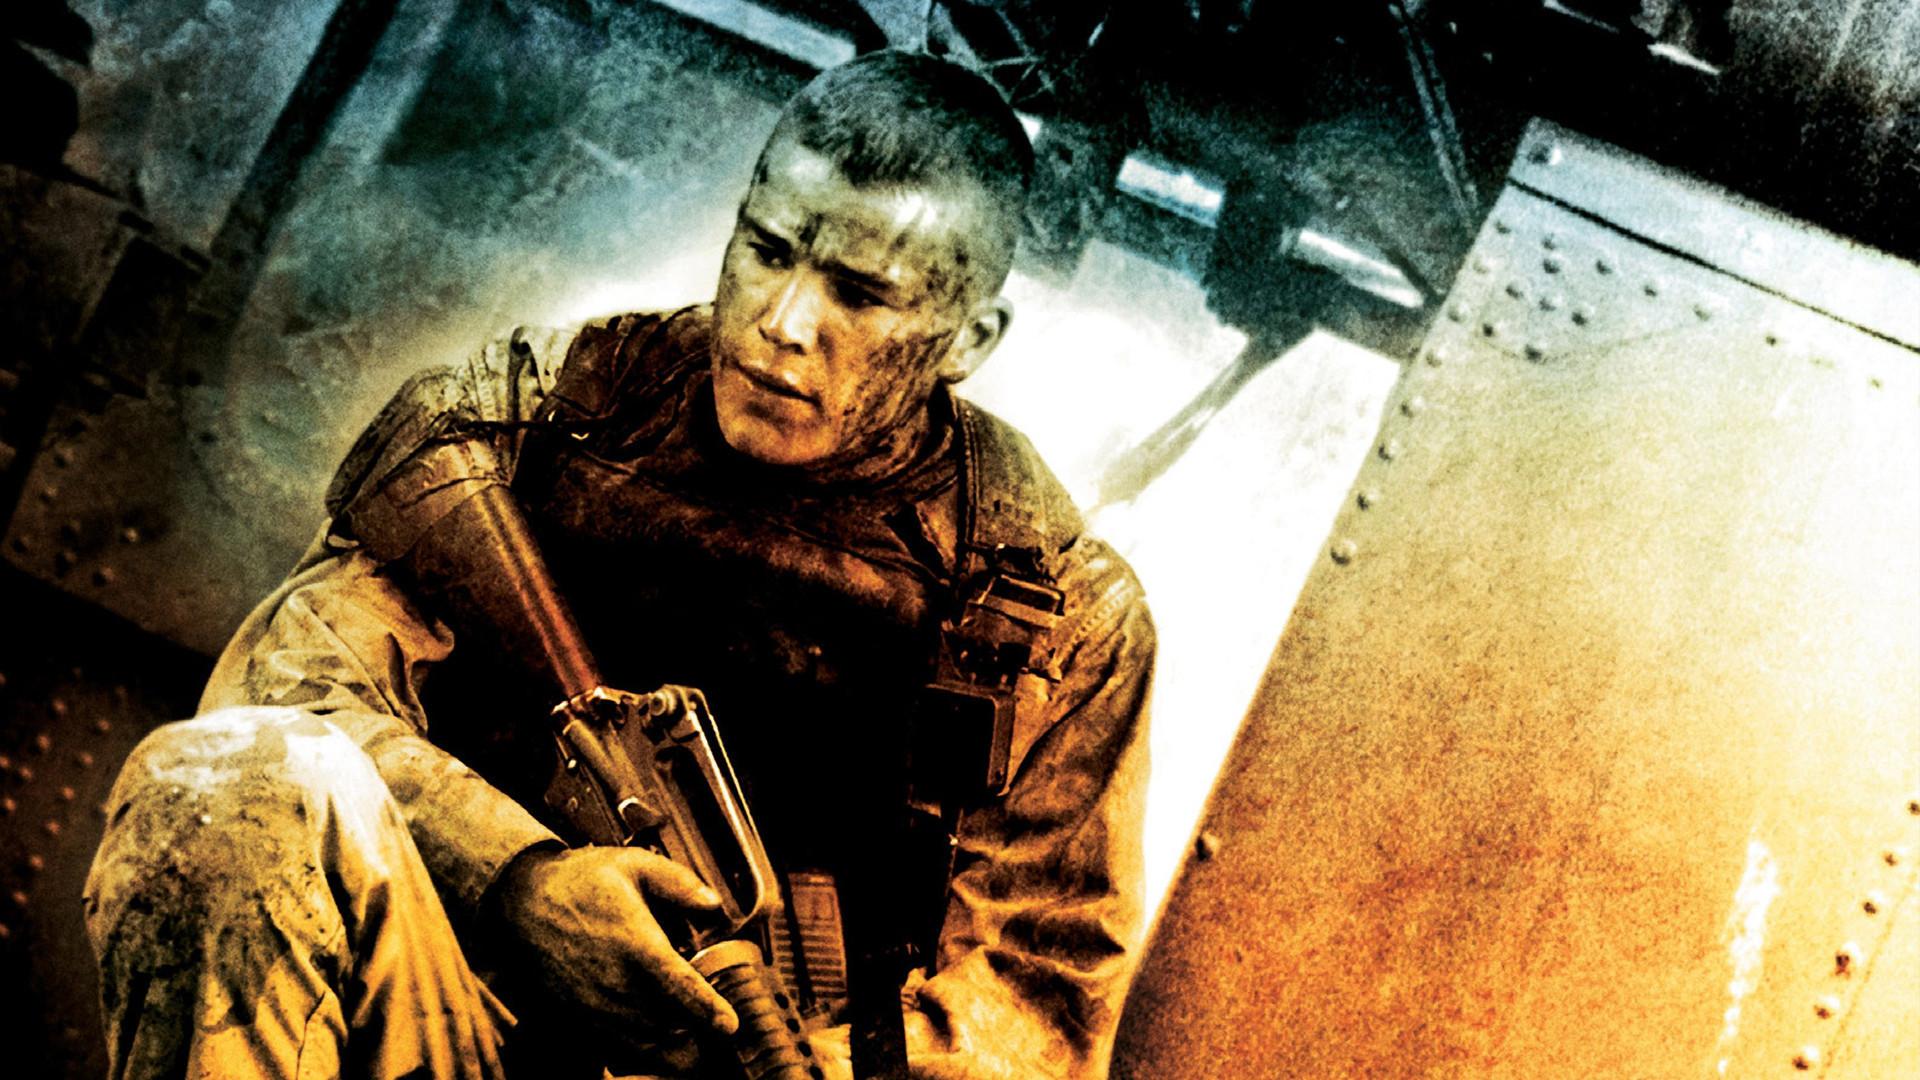 Black Wallpaper 1920x1080 Black Hawk Down Josh Hartnett Soldier Military Warriors